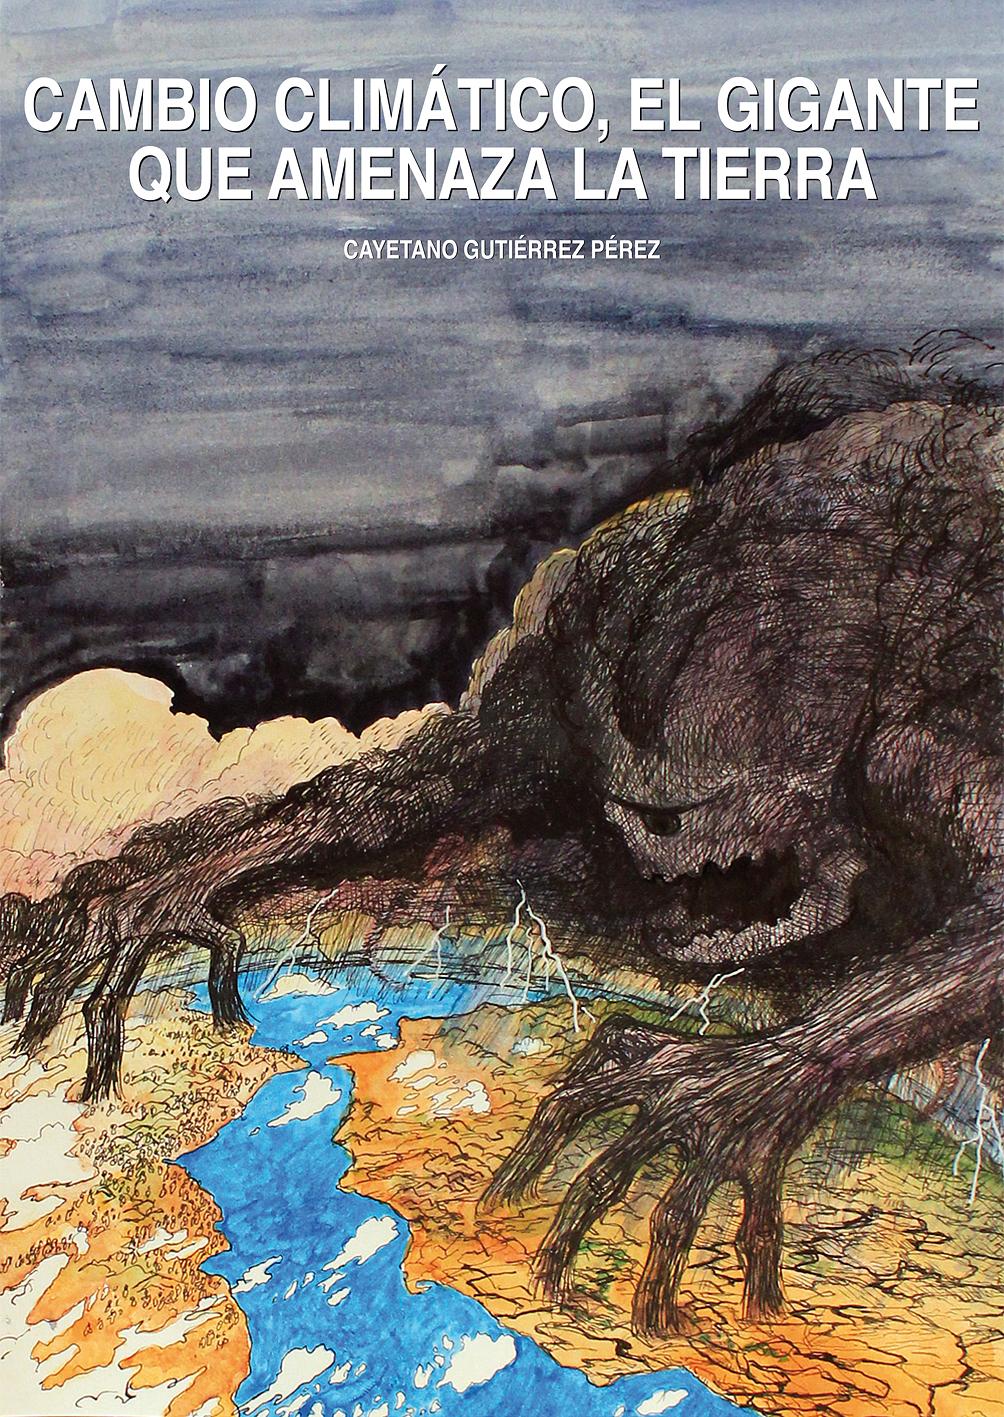 """""""Cambio climático, el gigante que amenaza la Tierra"""" (Cayetano Gutiérrez Pérez, Divulgador científico) @ CEIP """"Antonio Machado"""""""